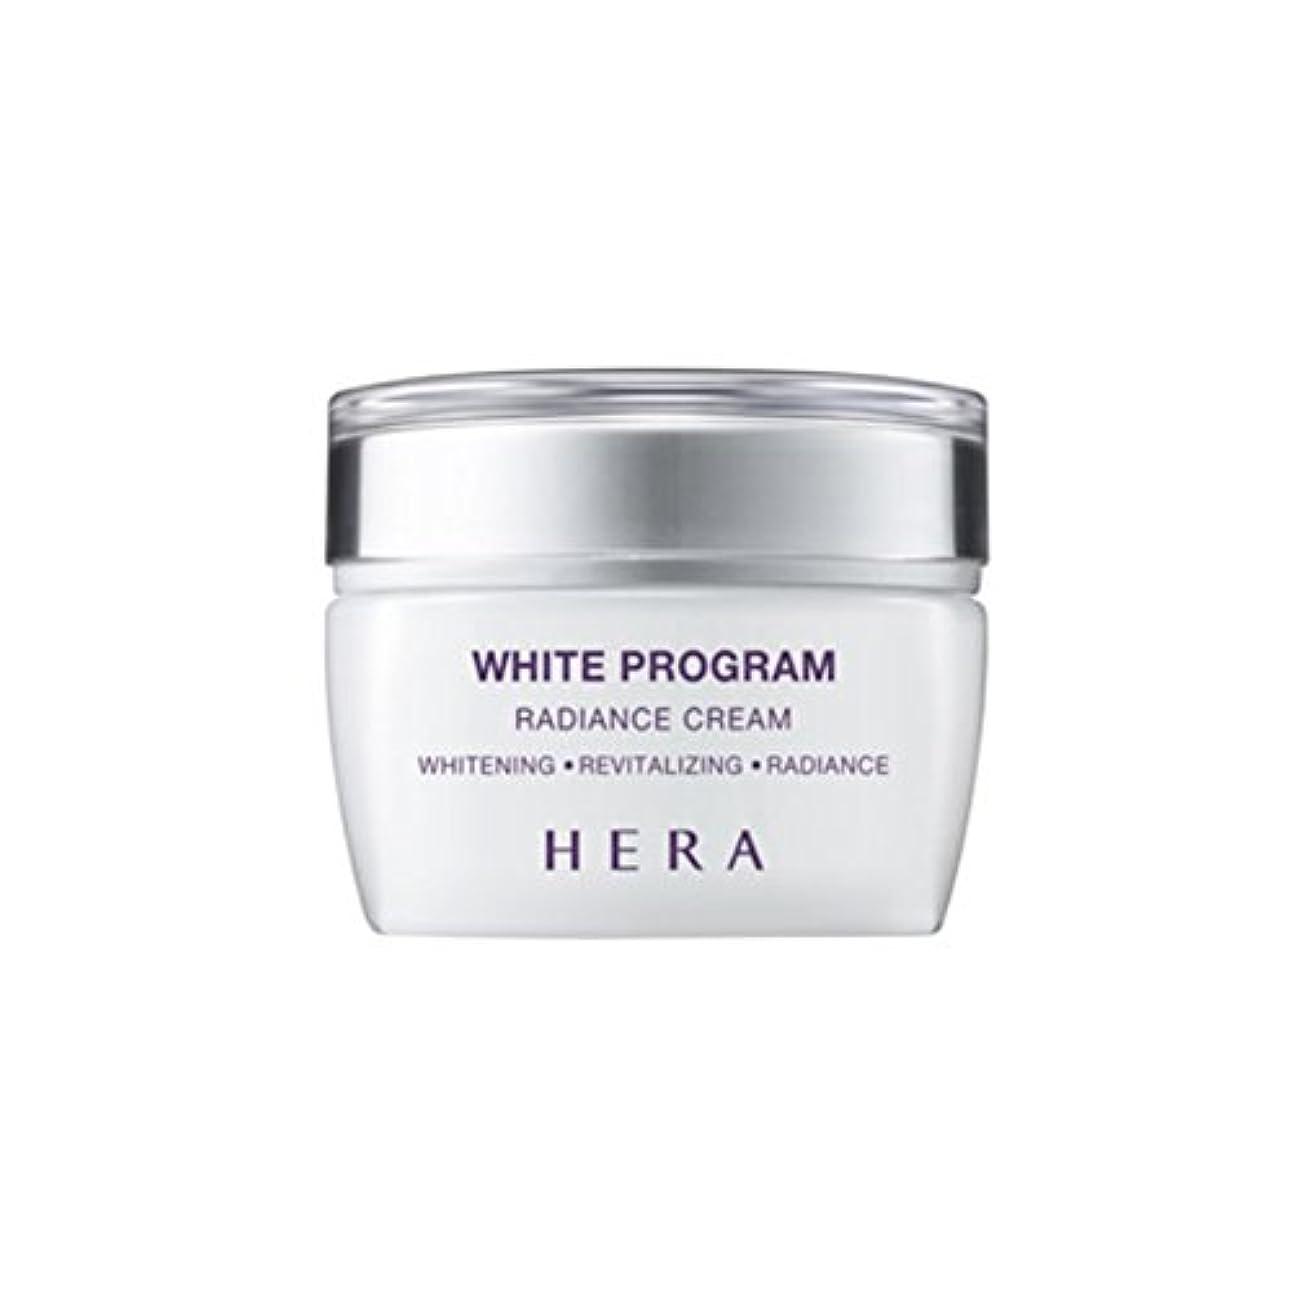 投獄年齢パンサー(ヘラ)HERA White Program Radiance Cream ホワイトプログラムラディアンス クリーム (韓国直送品) OOPSPANDA